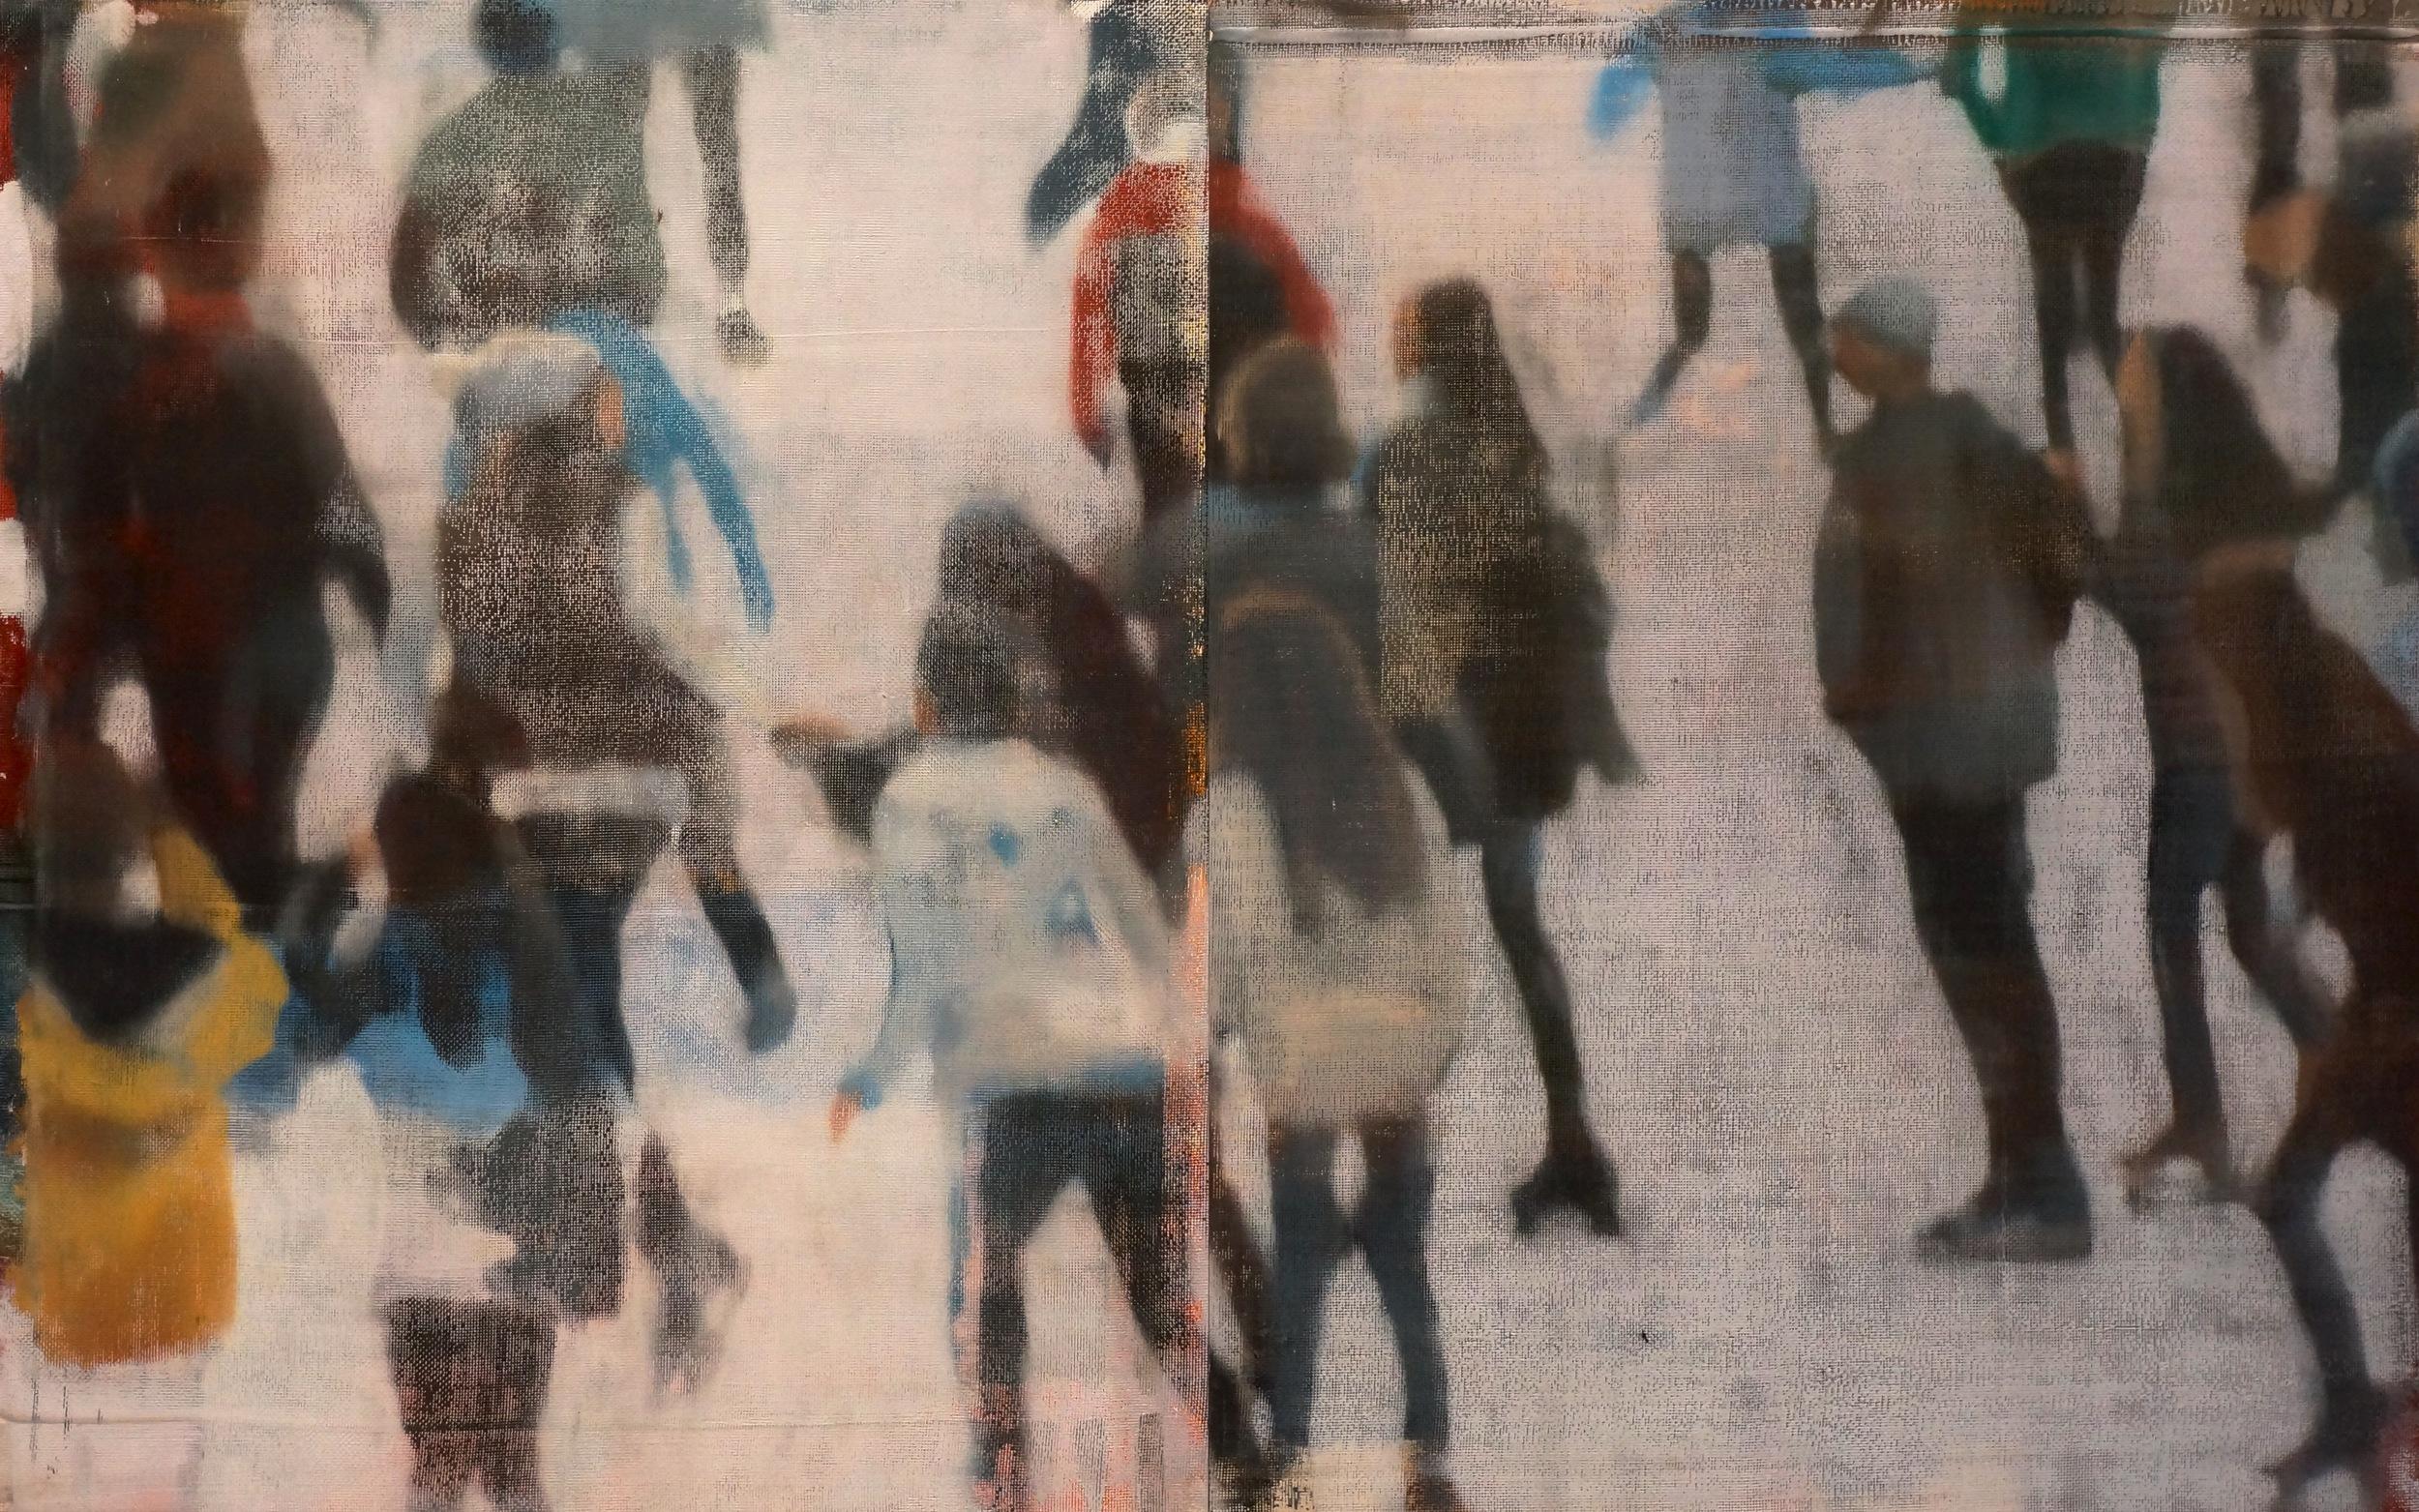 """Small Crowd on Ice, Oil on Linen on Panel, 2016, 30"""" x 48"""""""